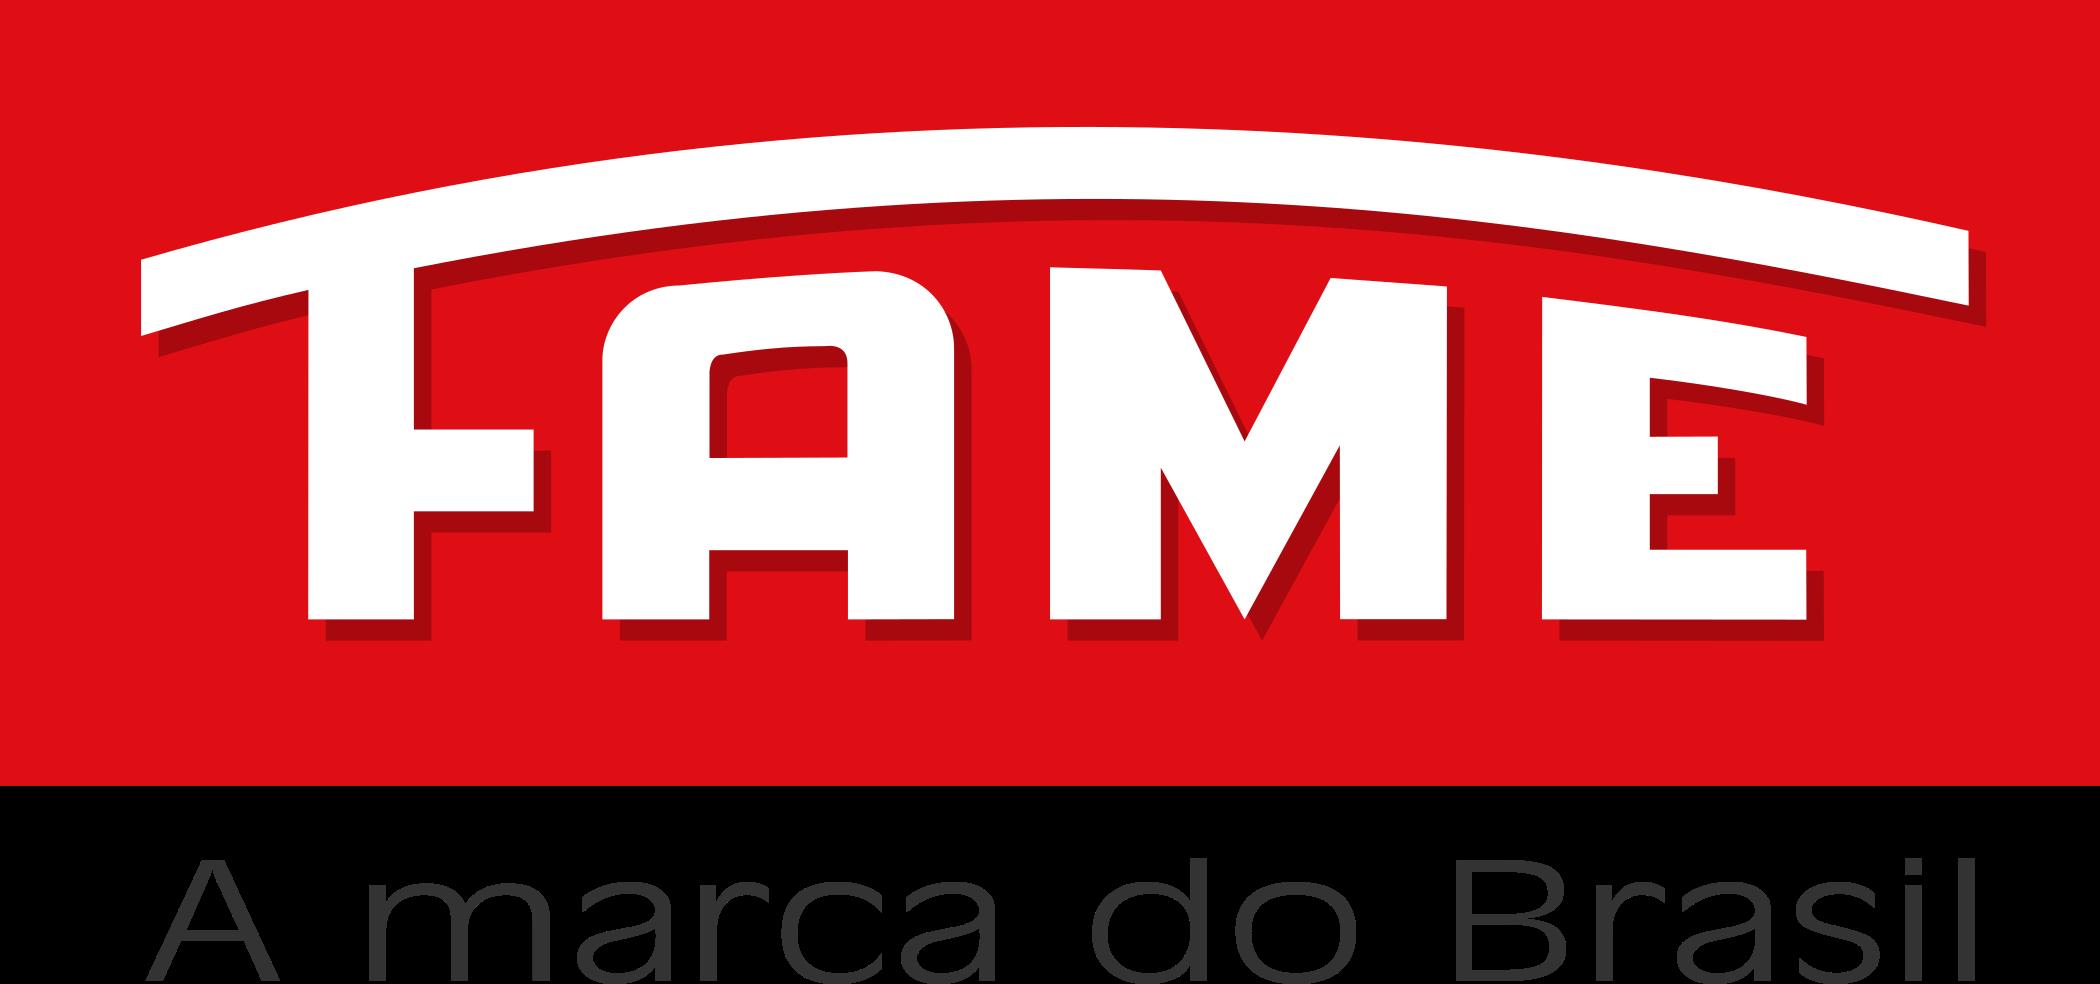 fame logo 2 - Fame Logo